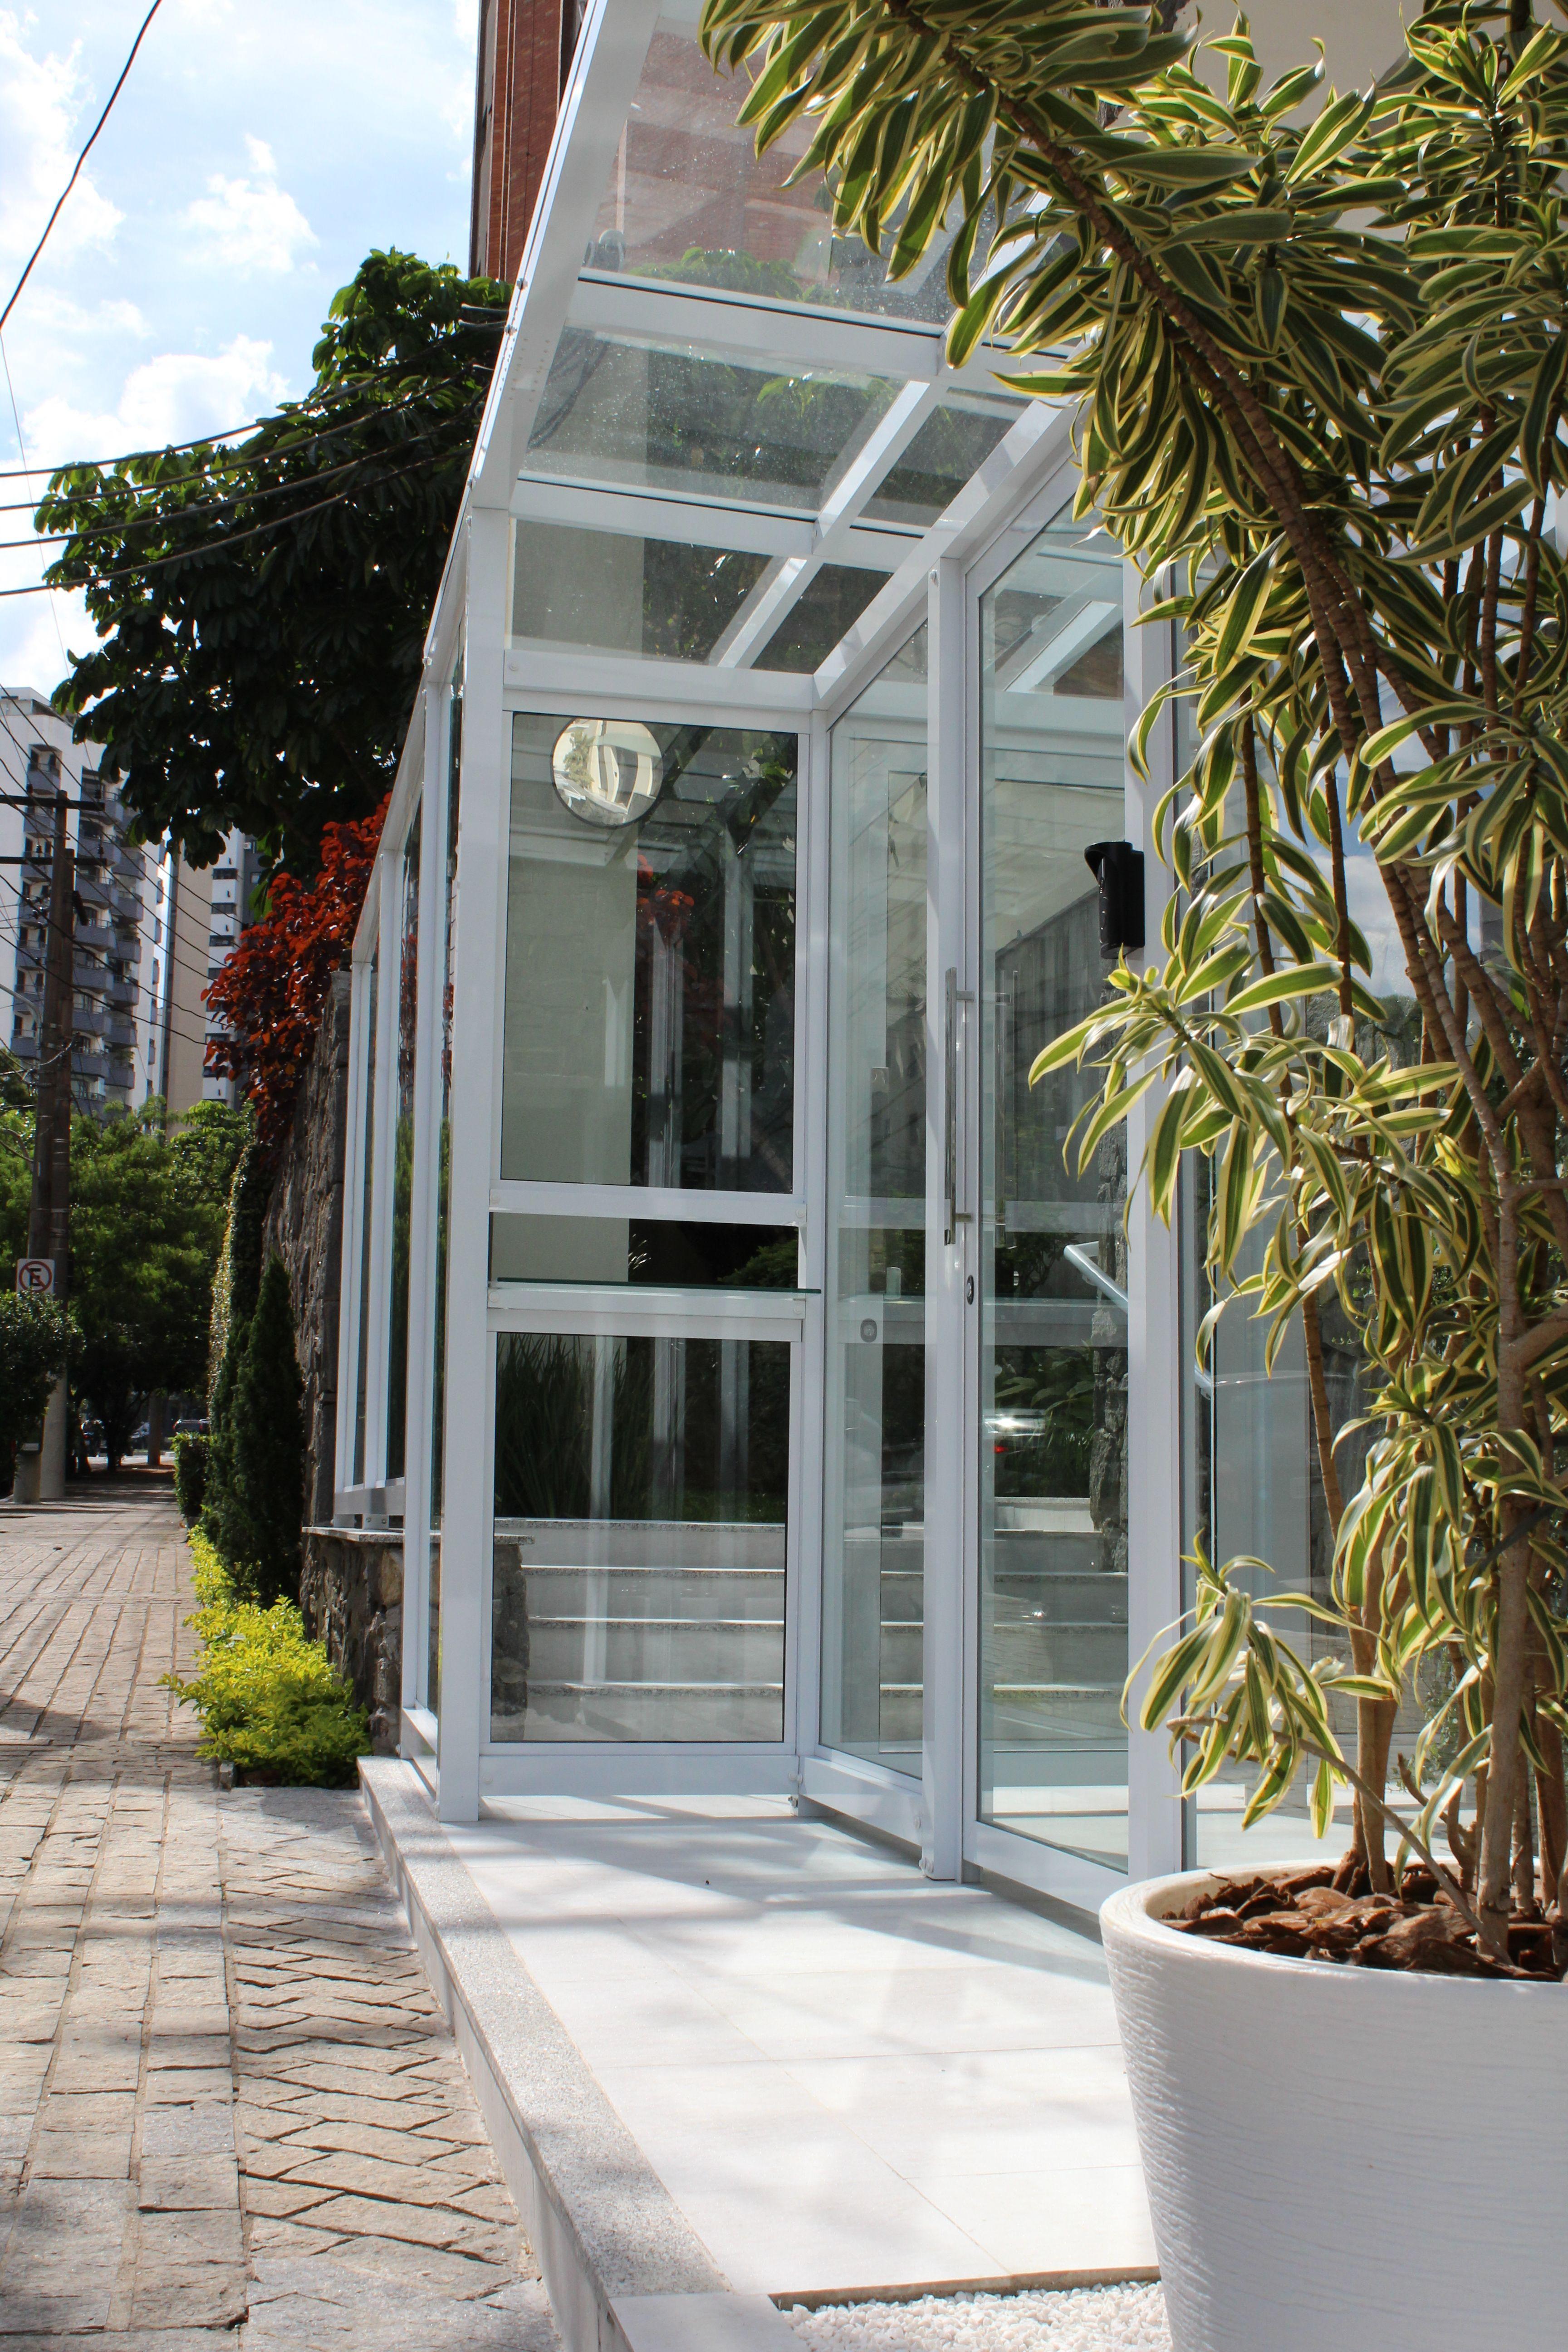 Condomínio Residencial Vila Mariana. Retrofit de fachada. Clausura em estrutura metálica e vidro. Paisagismo